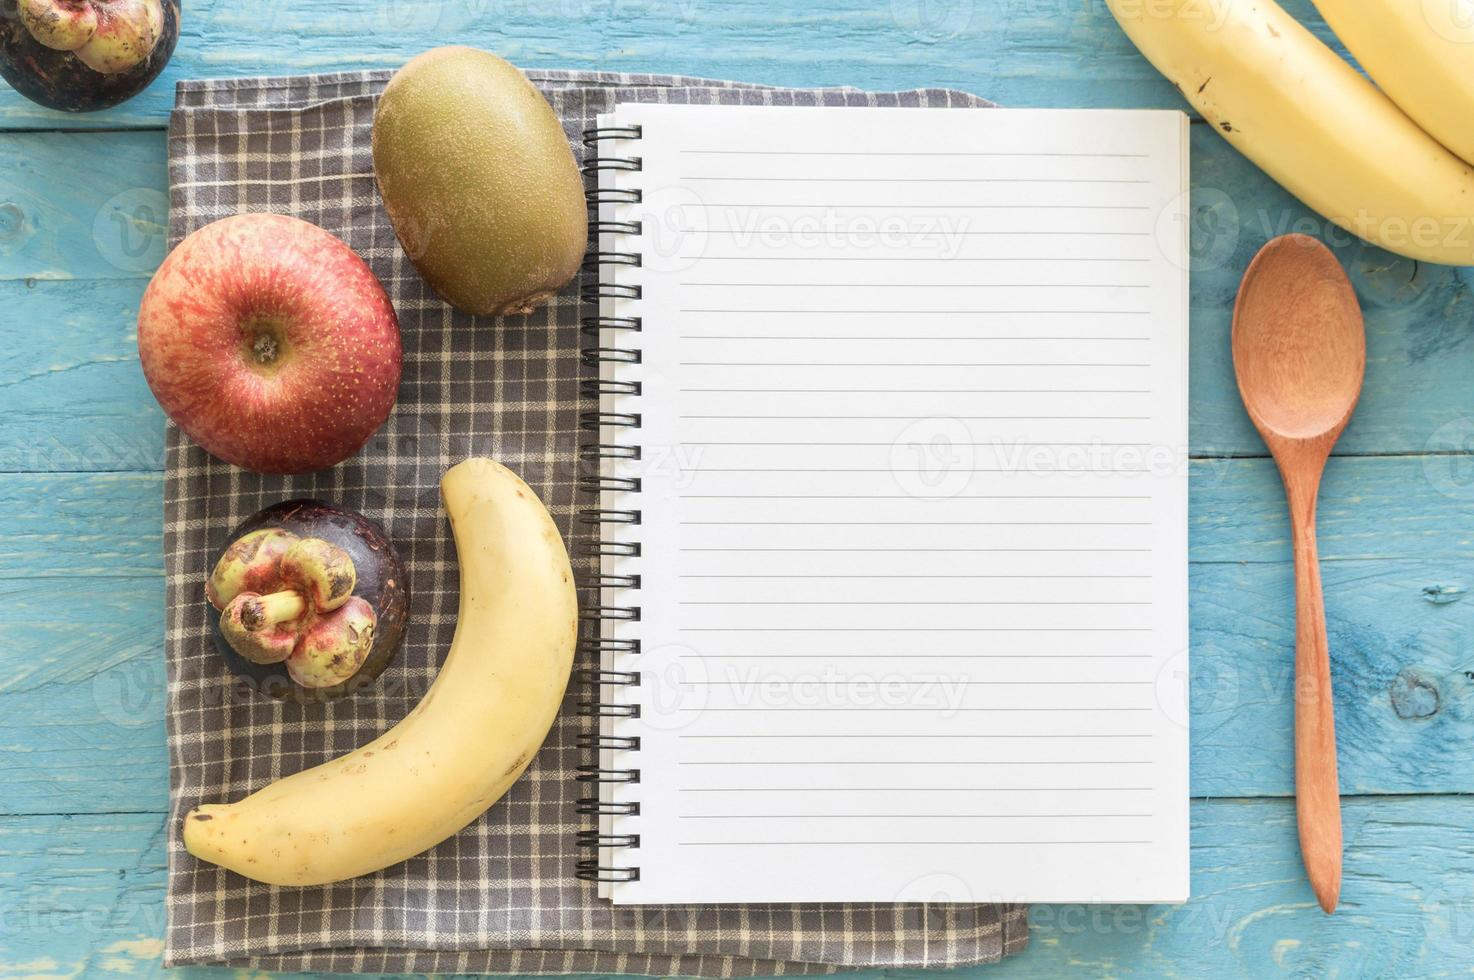 livro de receitas com frutas em fundo de madeira foto